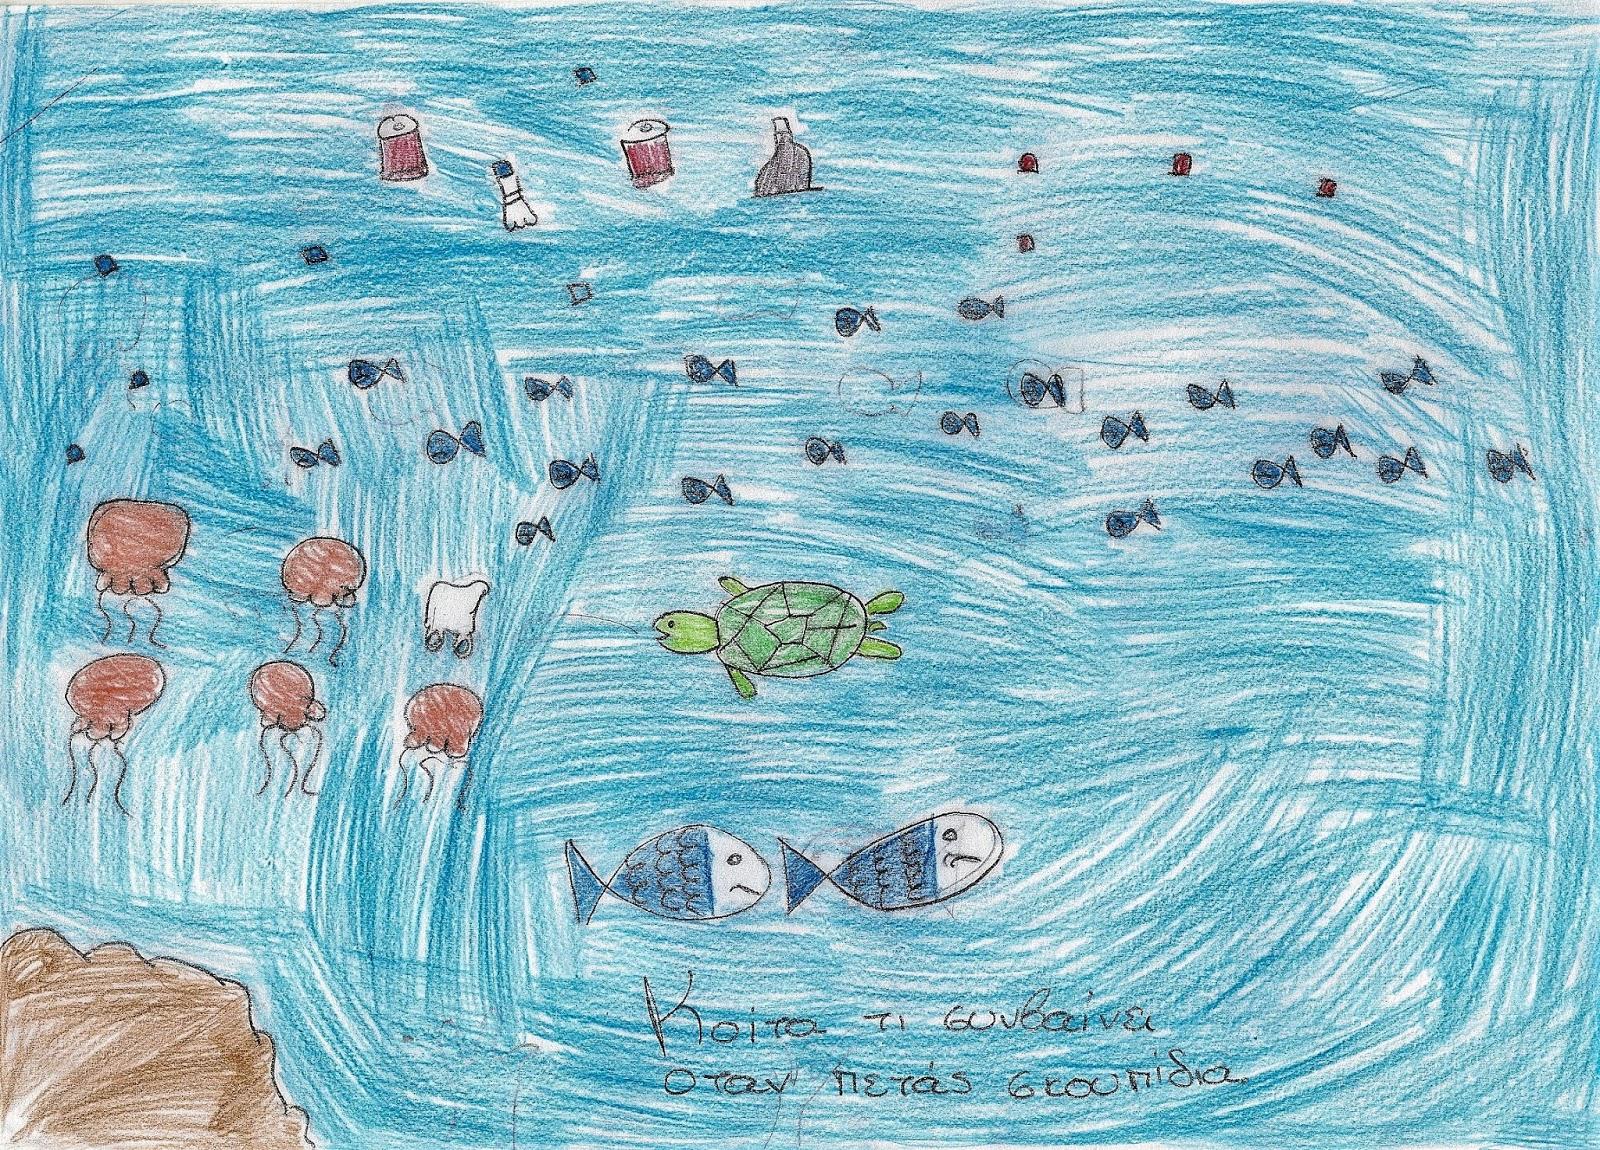 Πολλά από τα ψάρια στο χώρο της θαλάσσιας γνωριμιών